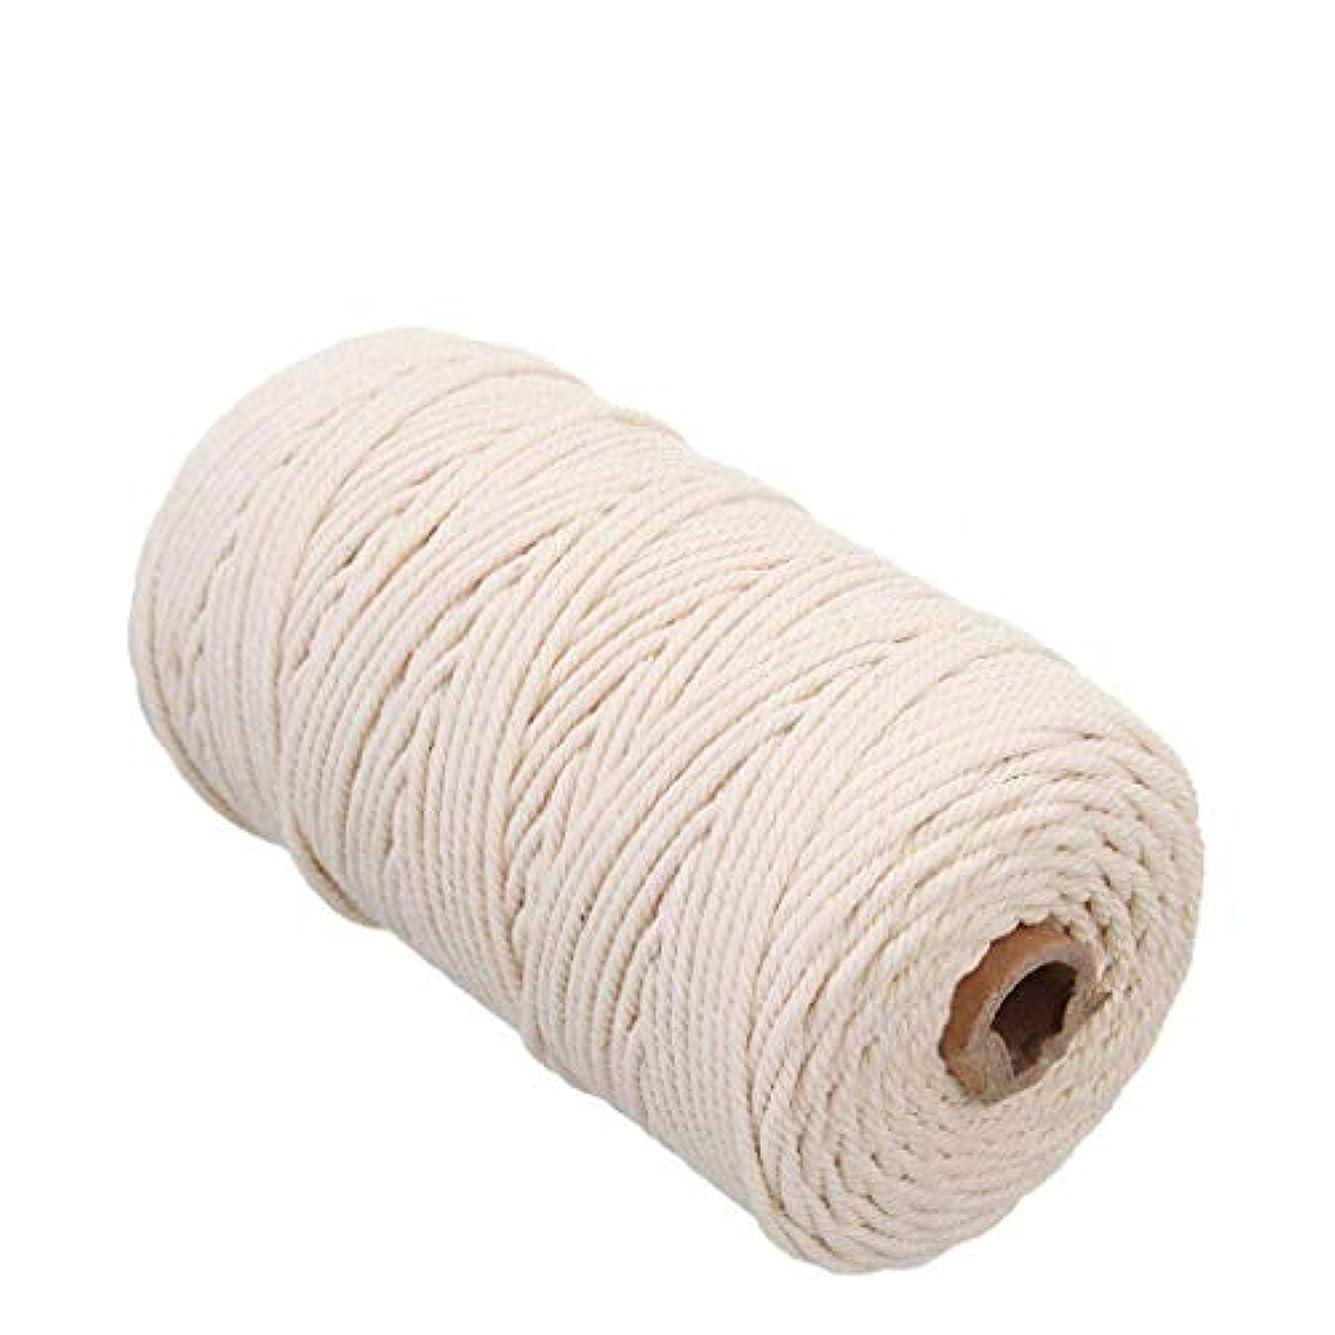 シットコム調和のとれた能力手作りコットン糸 編み 天然コード 紐 綿糸ロープ 壁掛けロープナチュラルカラーニット製造プラントハンガー?クラフト 2mm x 200m (ライスホワイト)